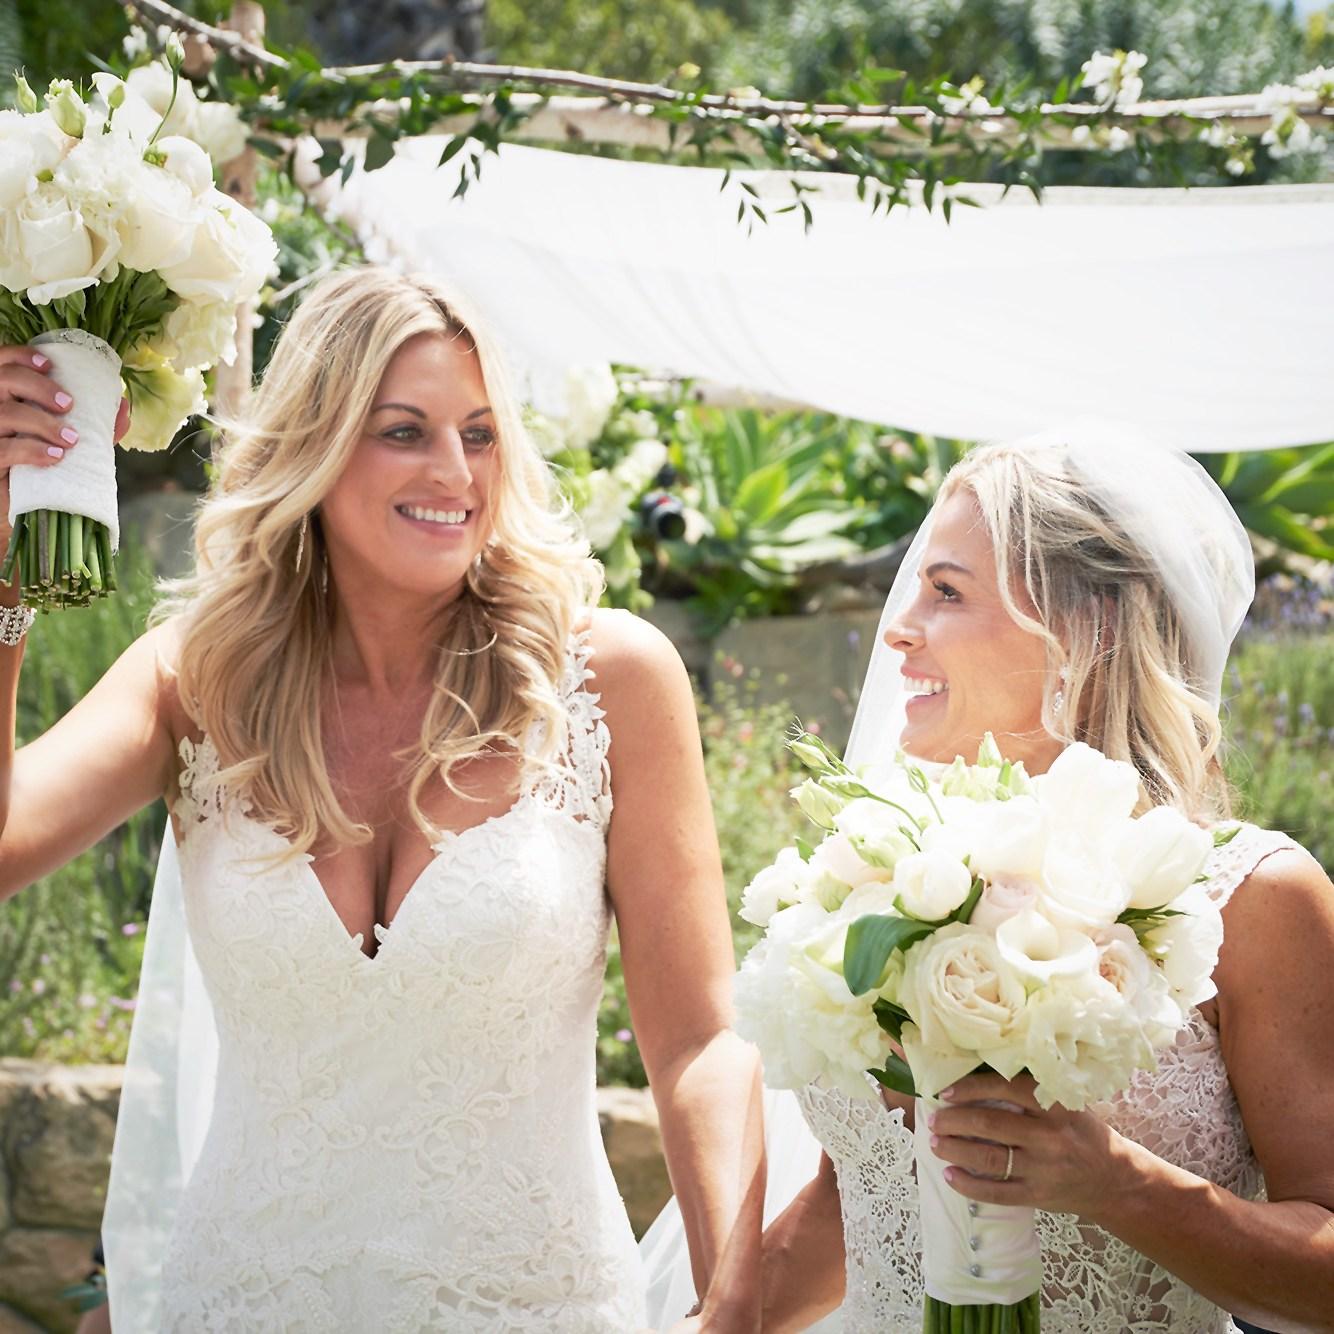 Cat Cora, Nicole Ehrlich, Married, Wedding